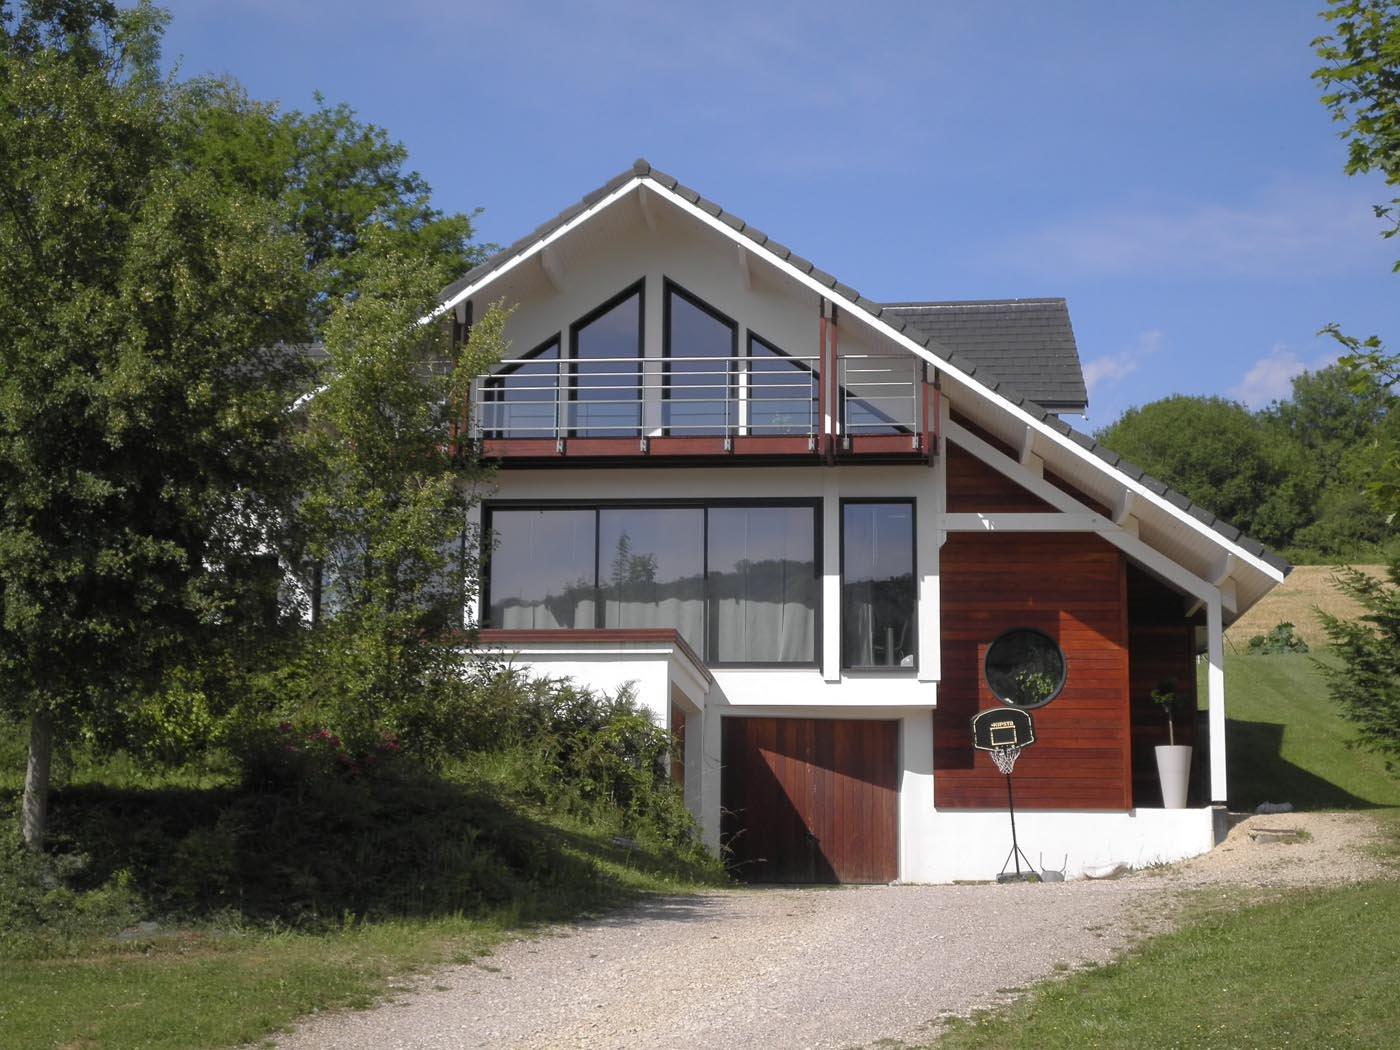 Maison bois contemporaine bardage bois maison bois for Bardage maison bois